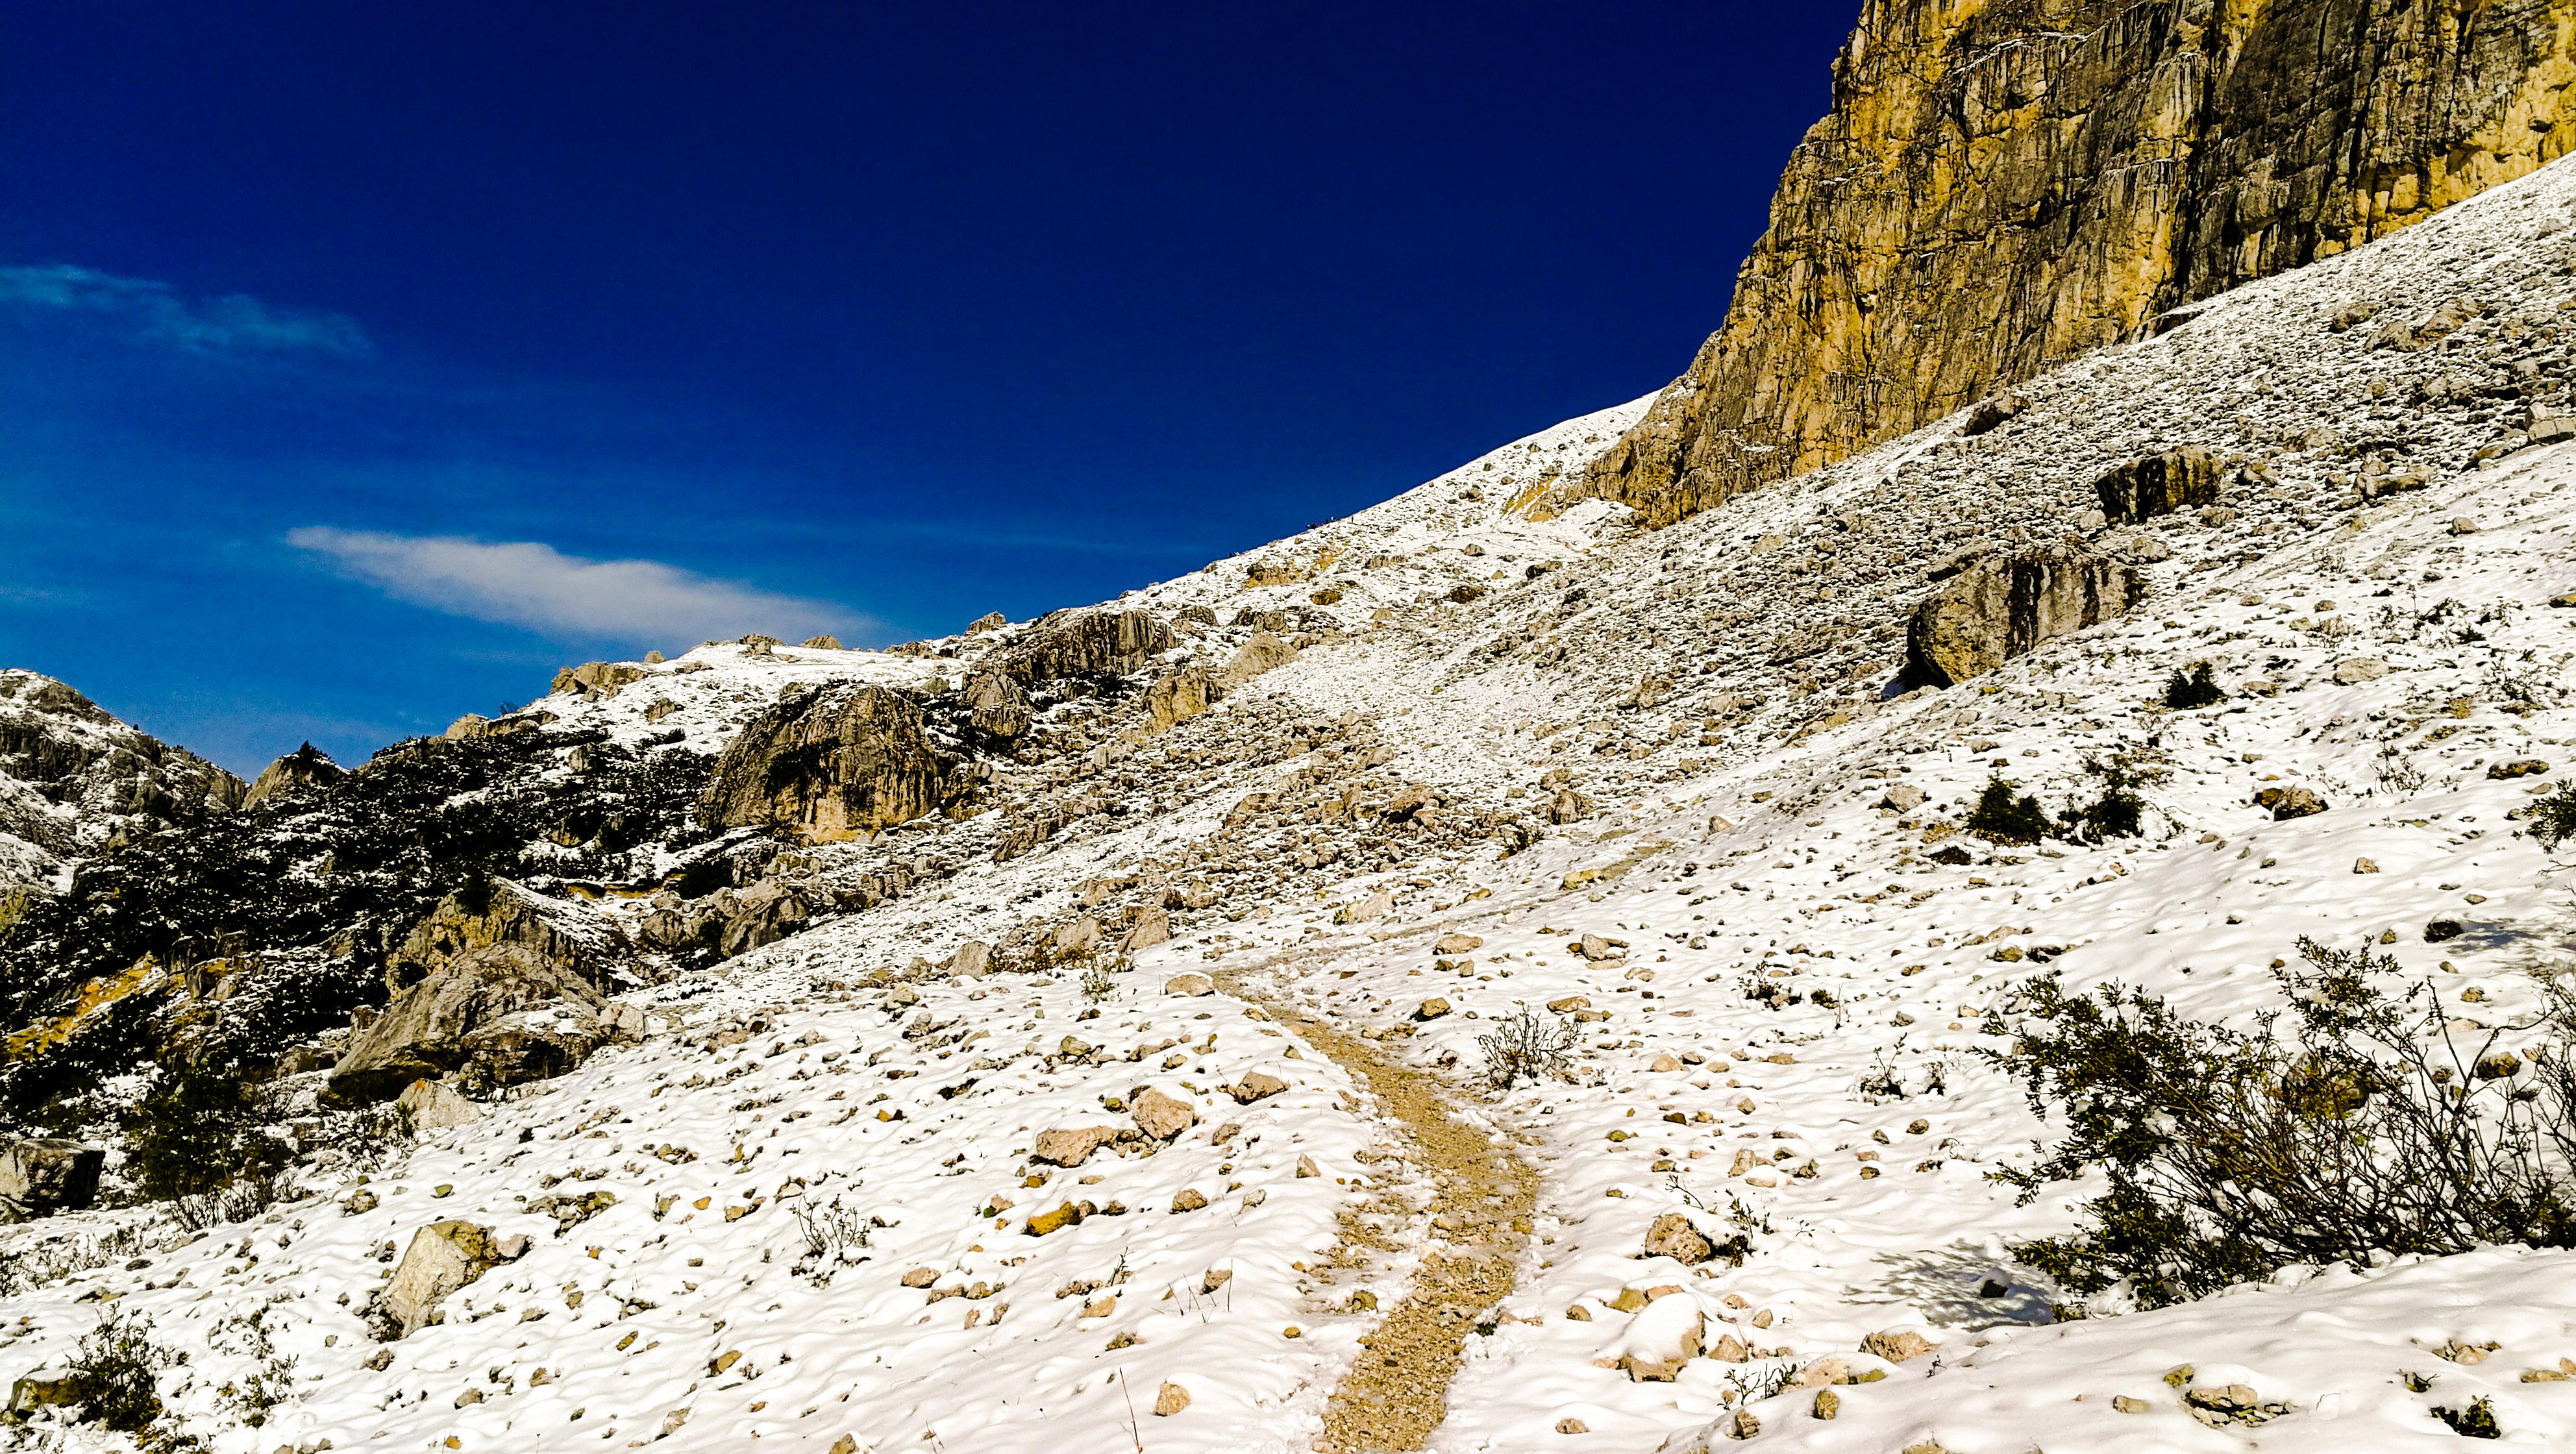 Klettersteig Norddeutschland : Lagazuoi 2.835 m u2013 der durchlöcherte berg s travel photos blog